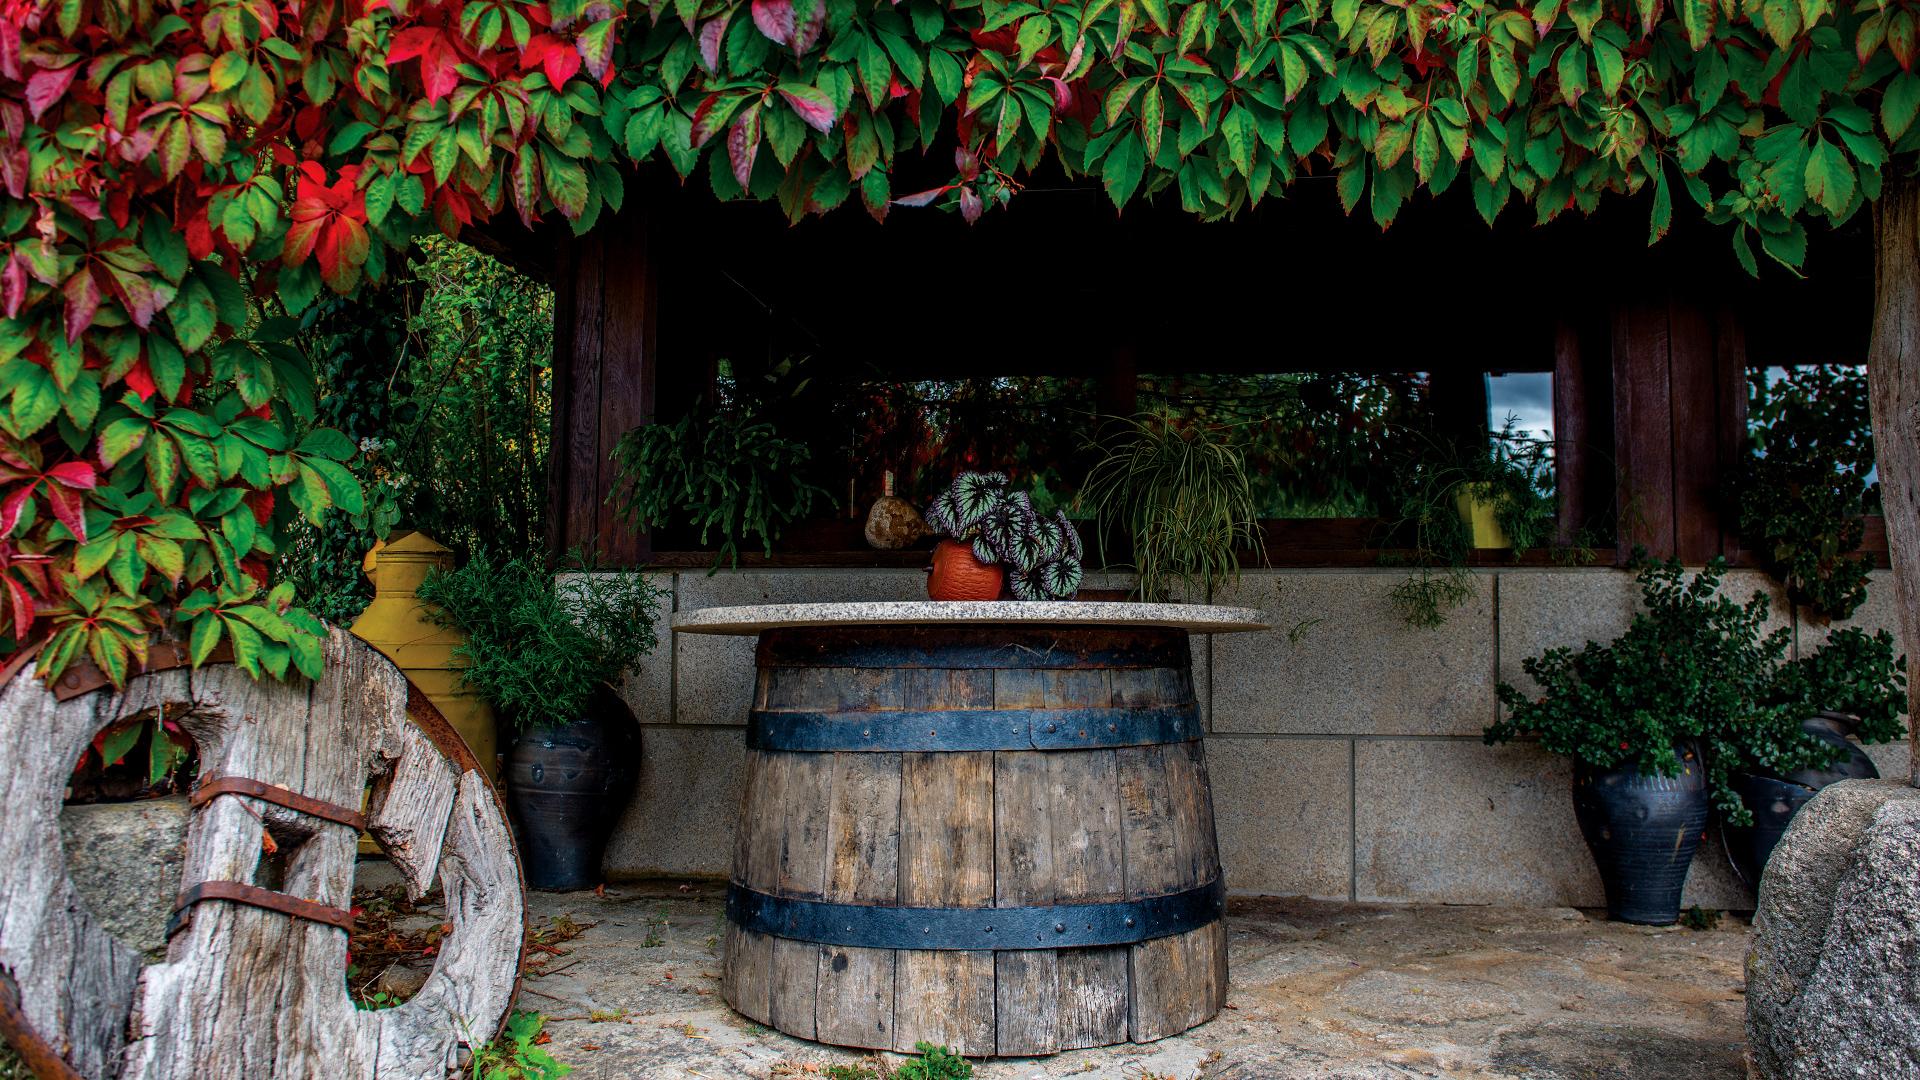 Pátio jardinado da Casa de Souto Velho, com mesa rústica feita a partir de um barril de vinho.